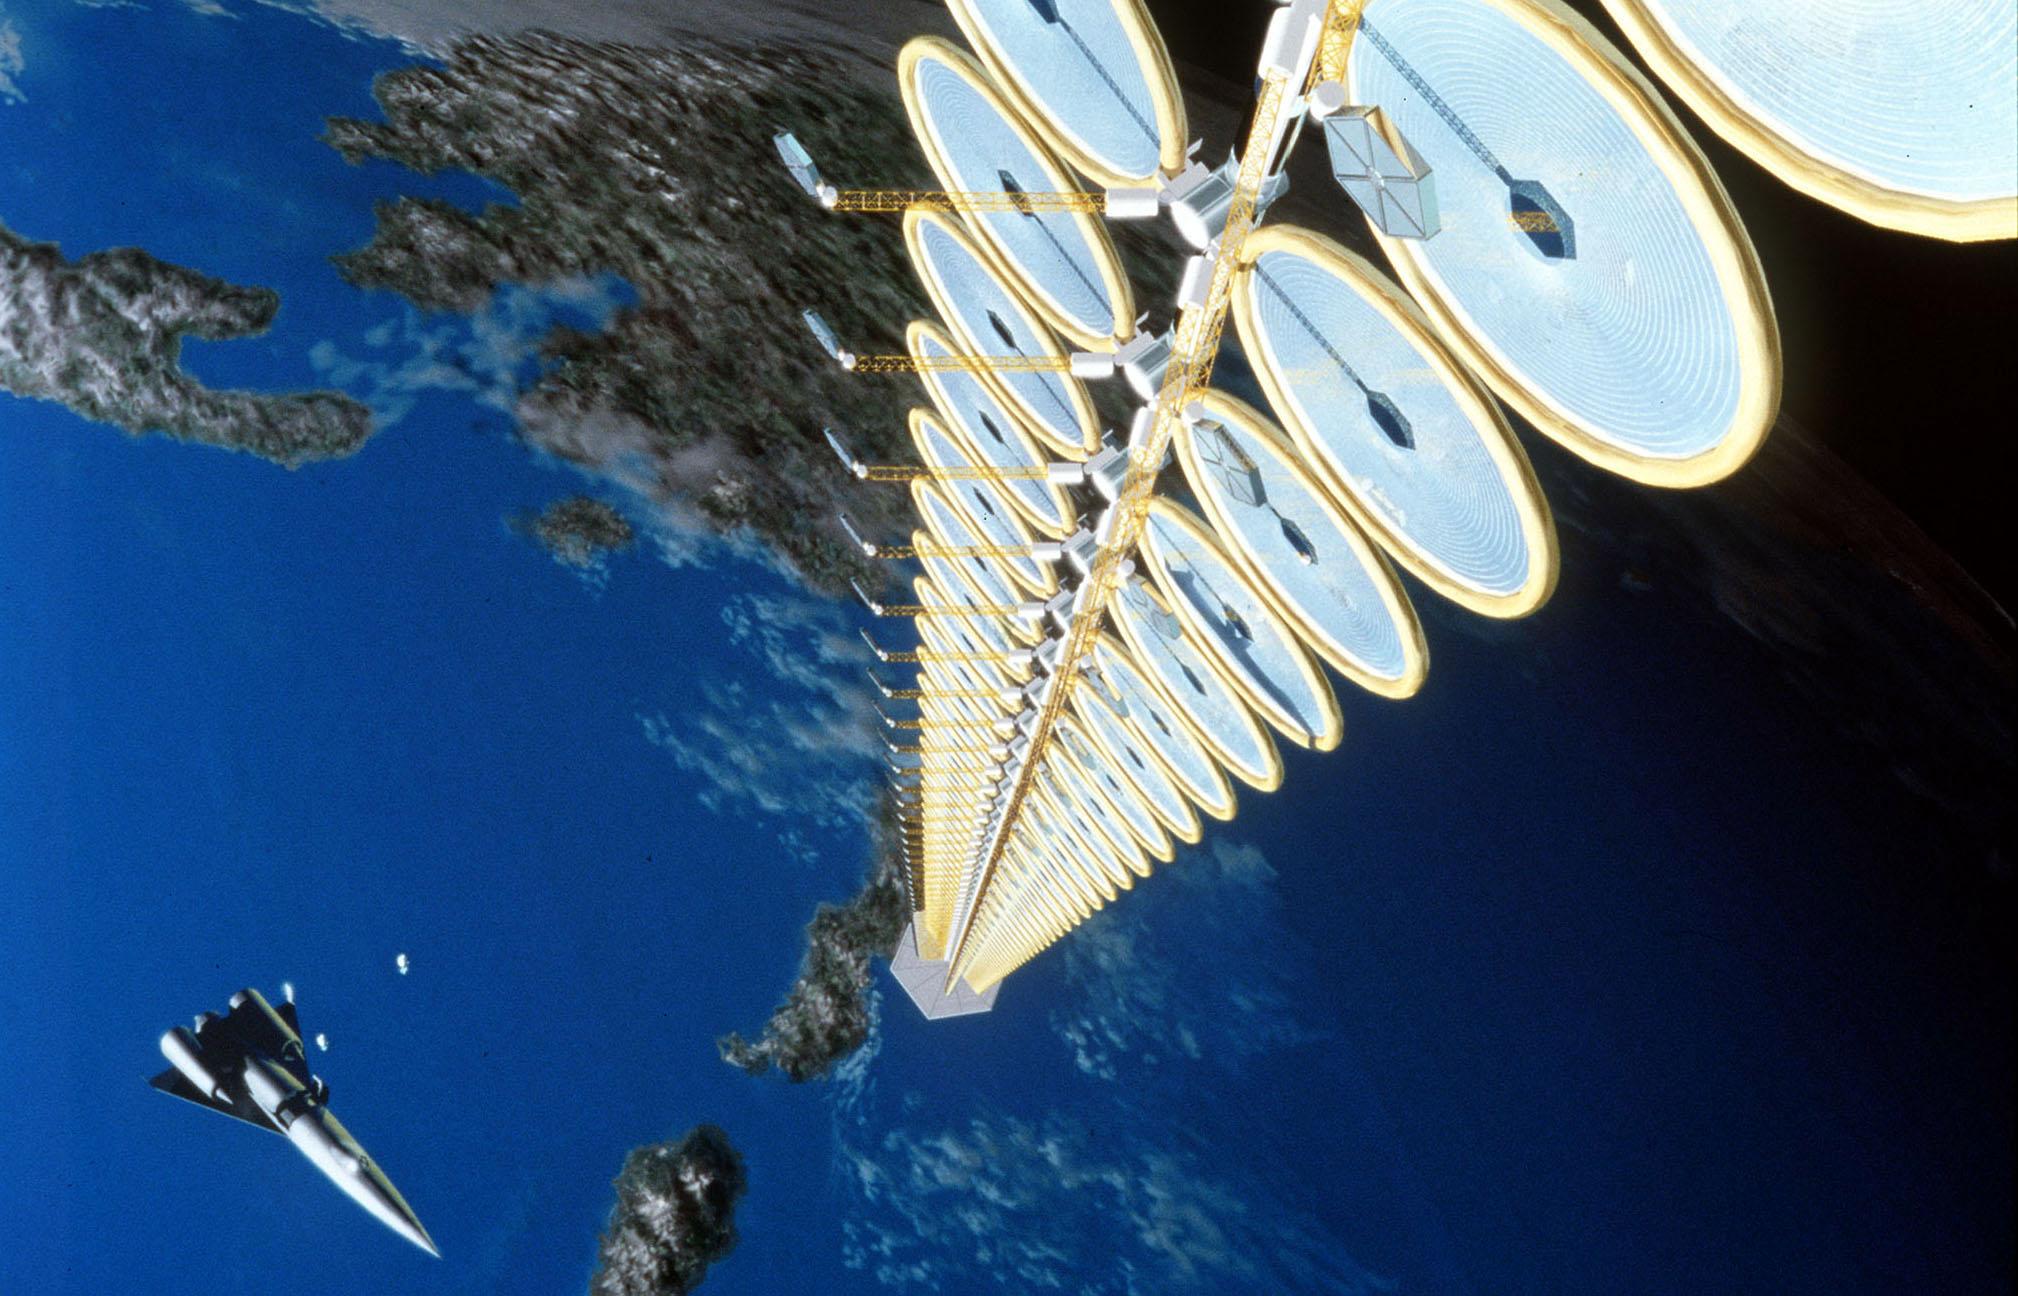 Русские ученые предложили сделать солнечную электростанцию наорбите